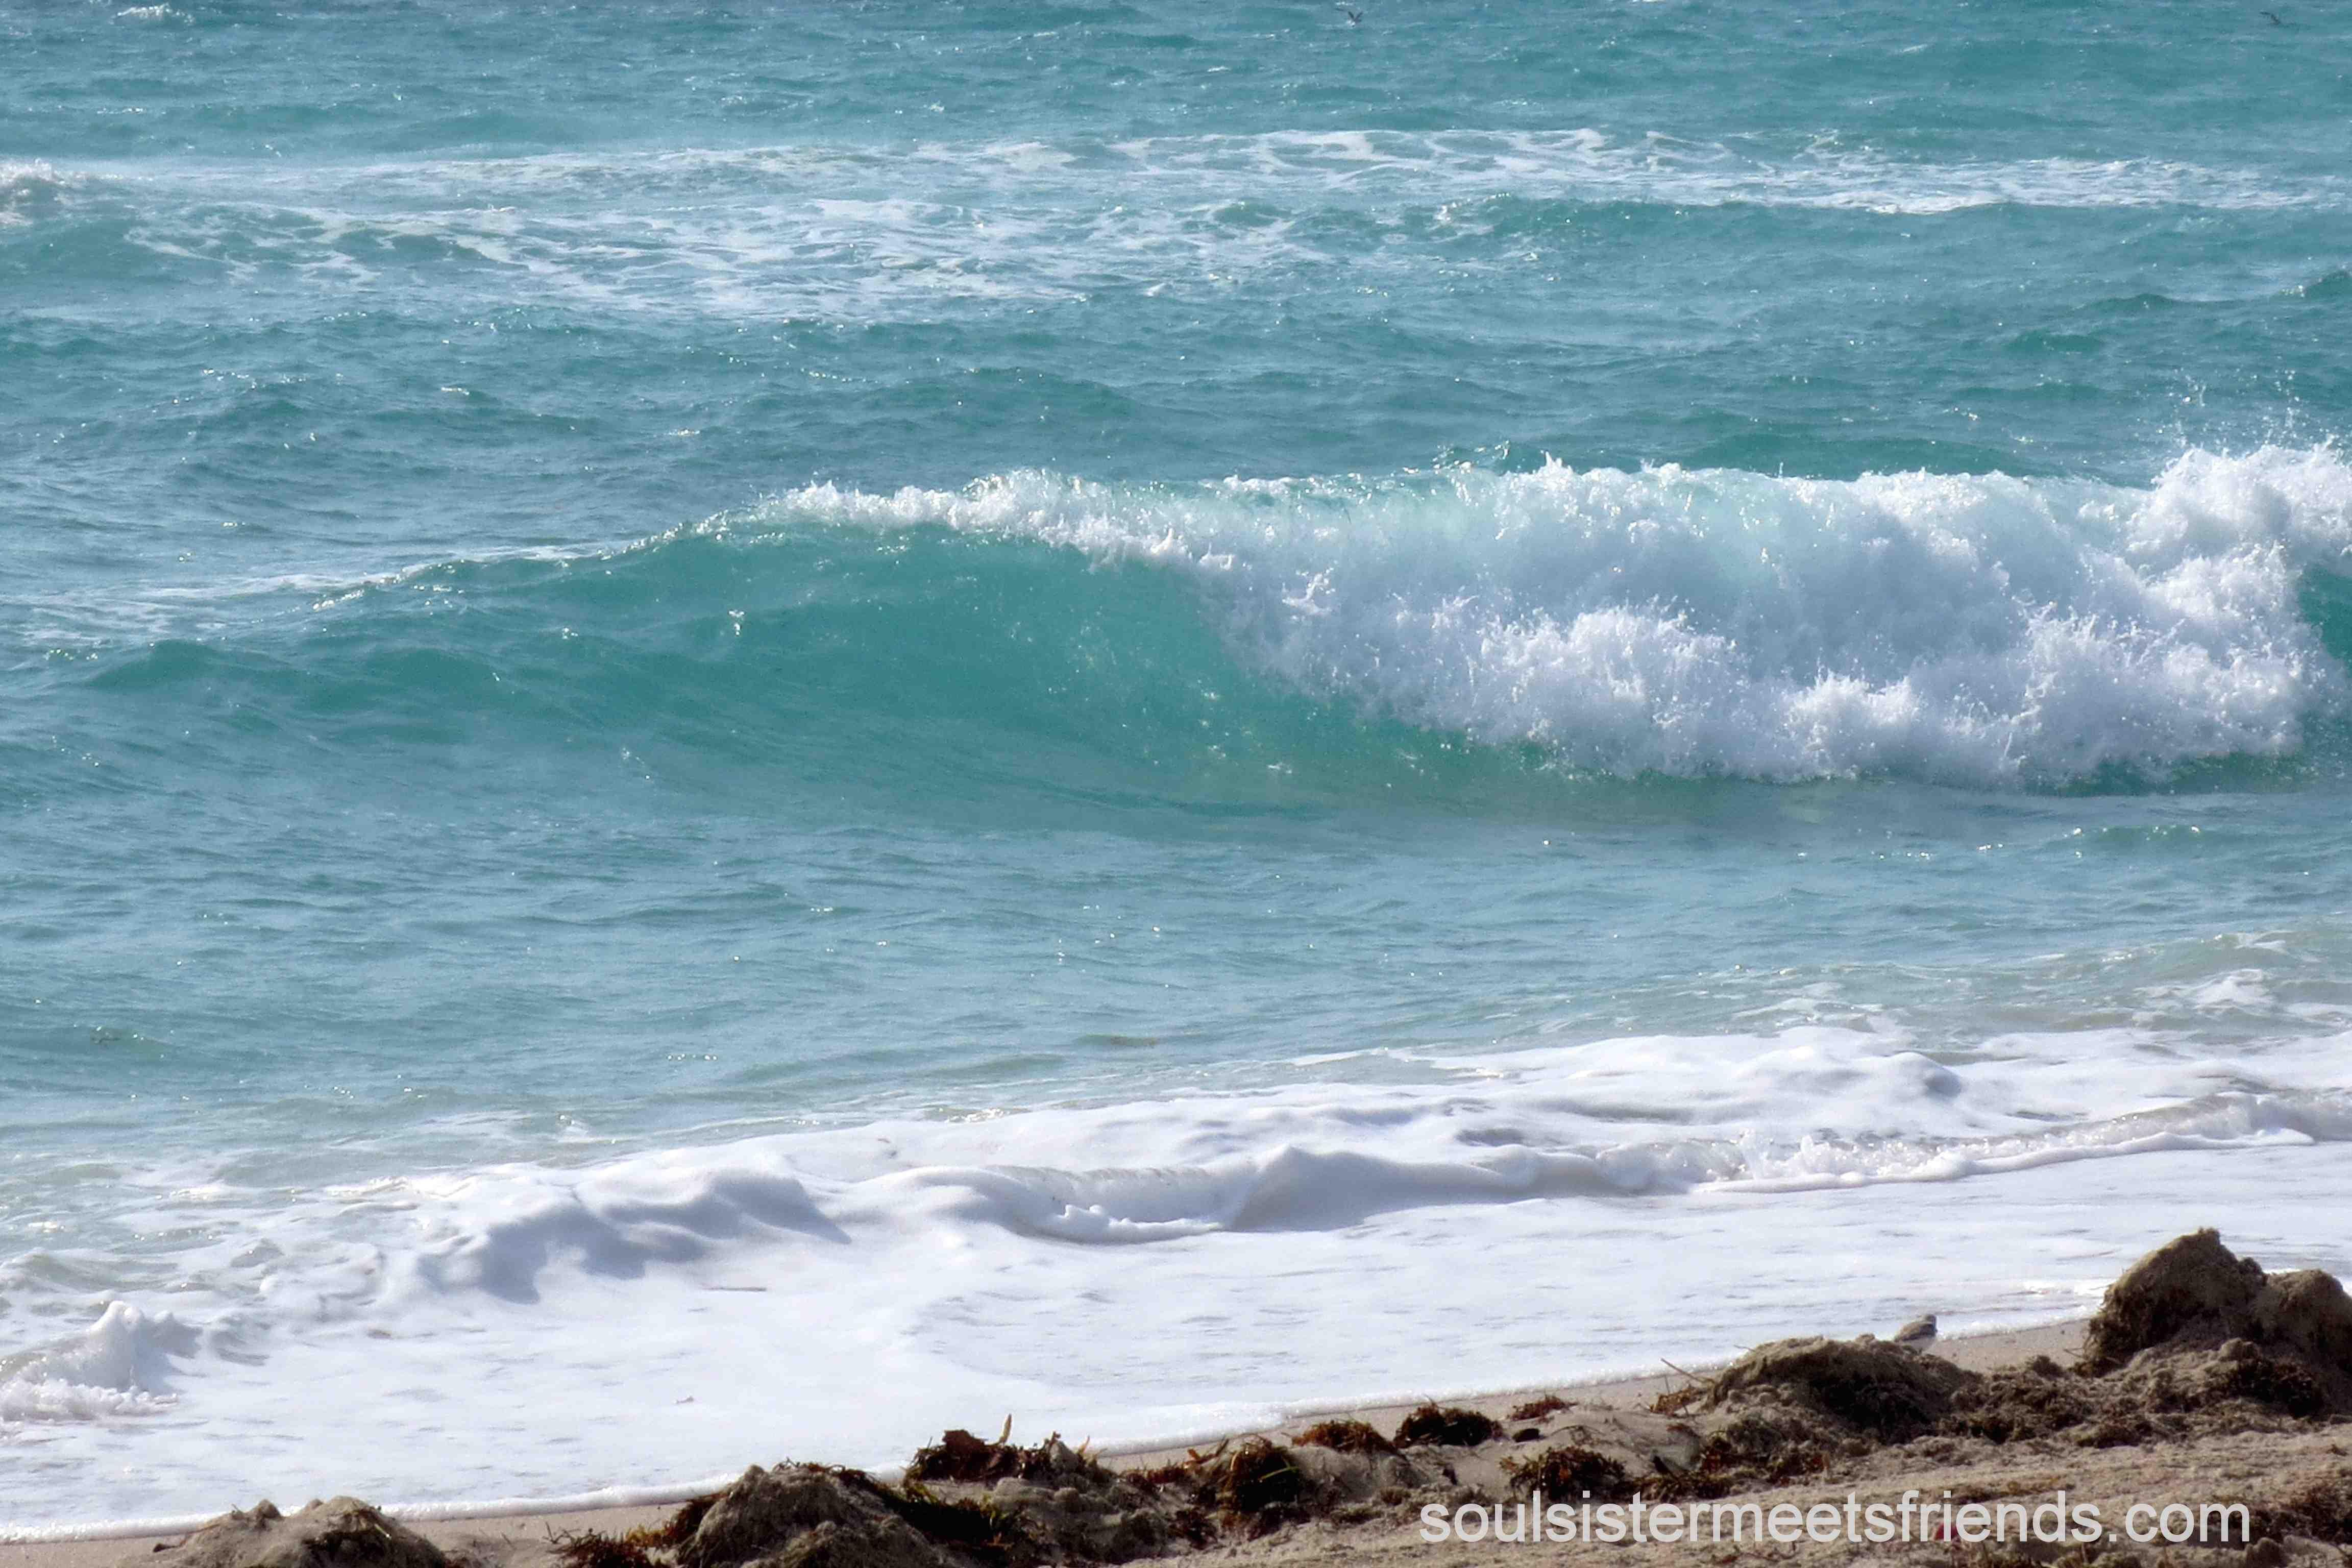 Die perfekte Welle: am Miami Beach USA